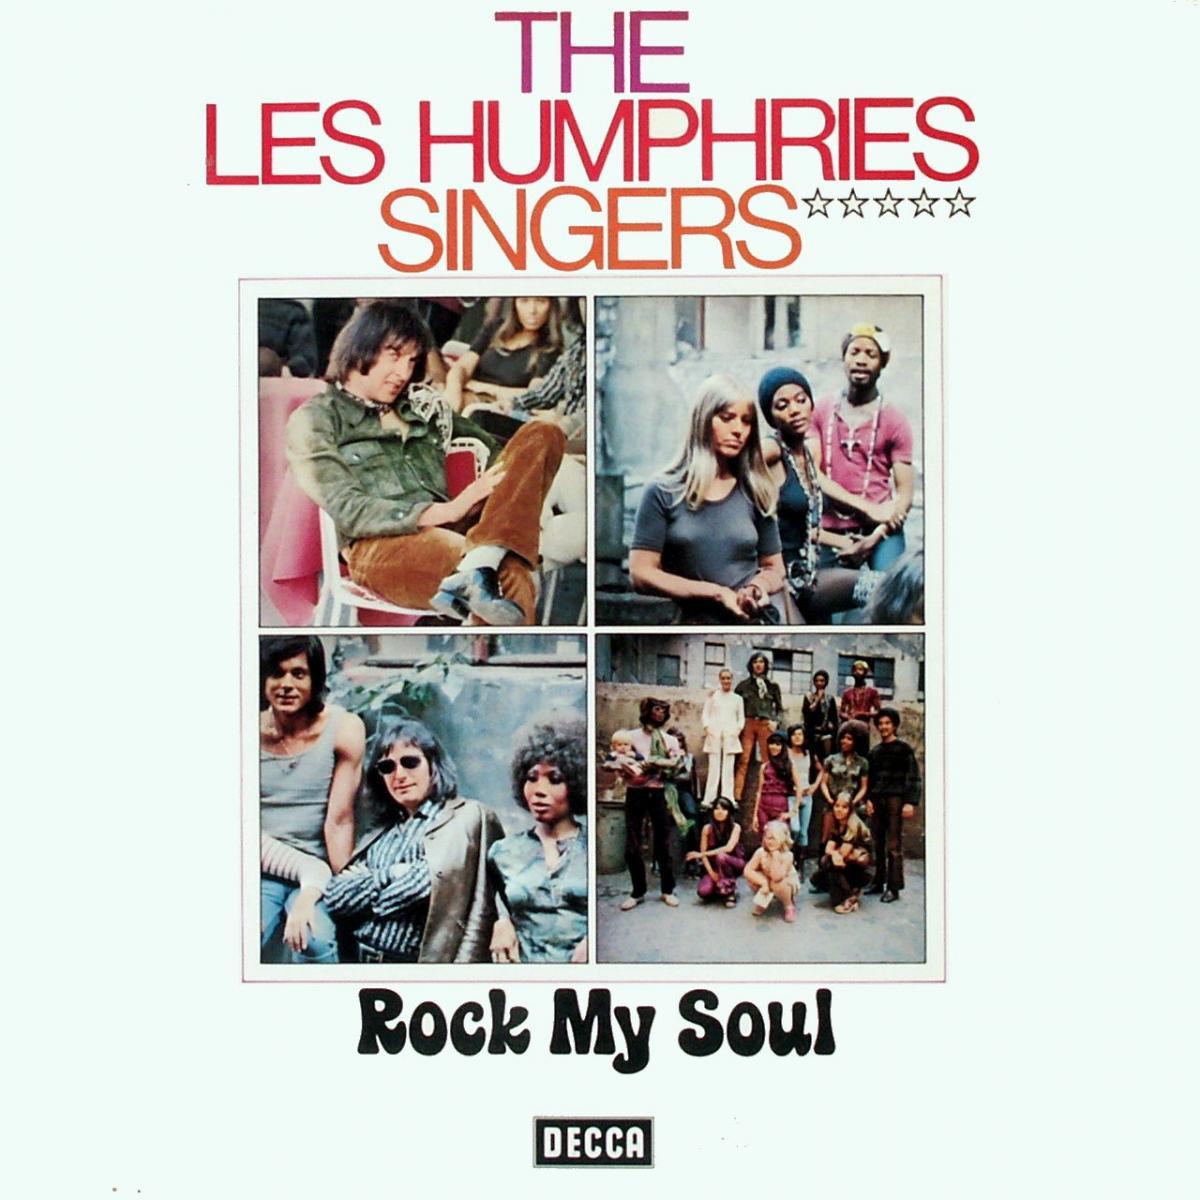 Humphries Singers, Les - Rock My Soul (I Believe) [LP] 0